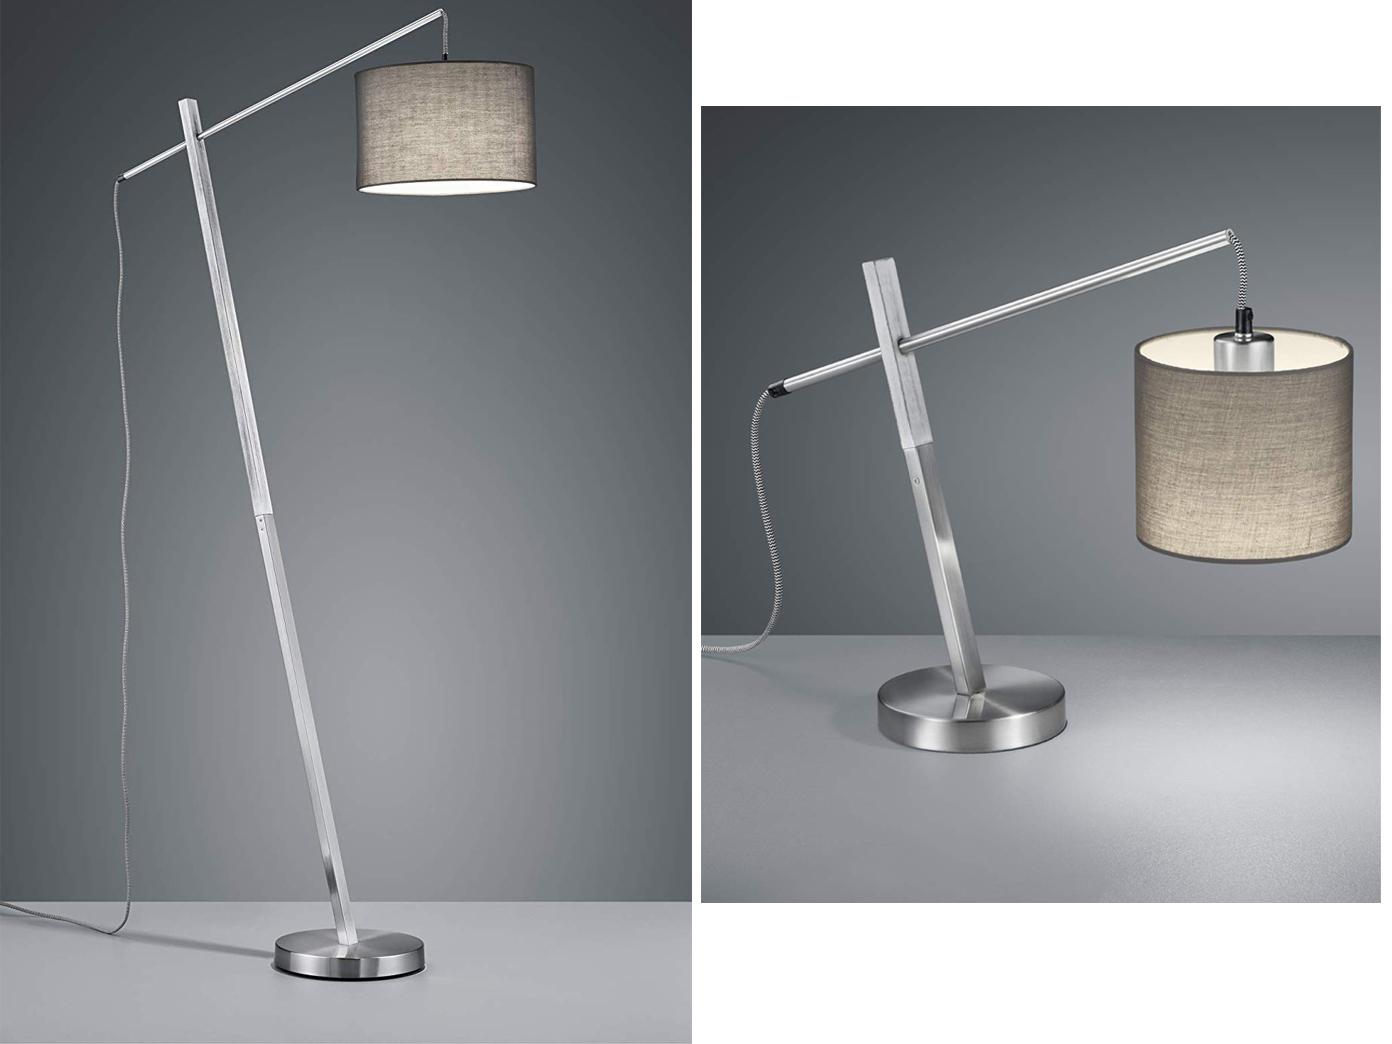 reality leuchten gemütliche led wohnzimmer lampen stehend